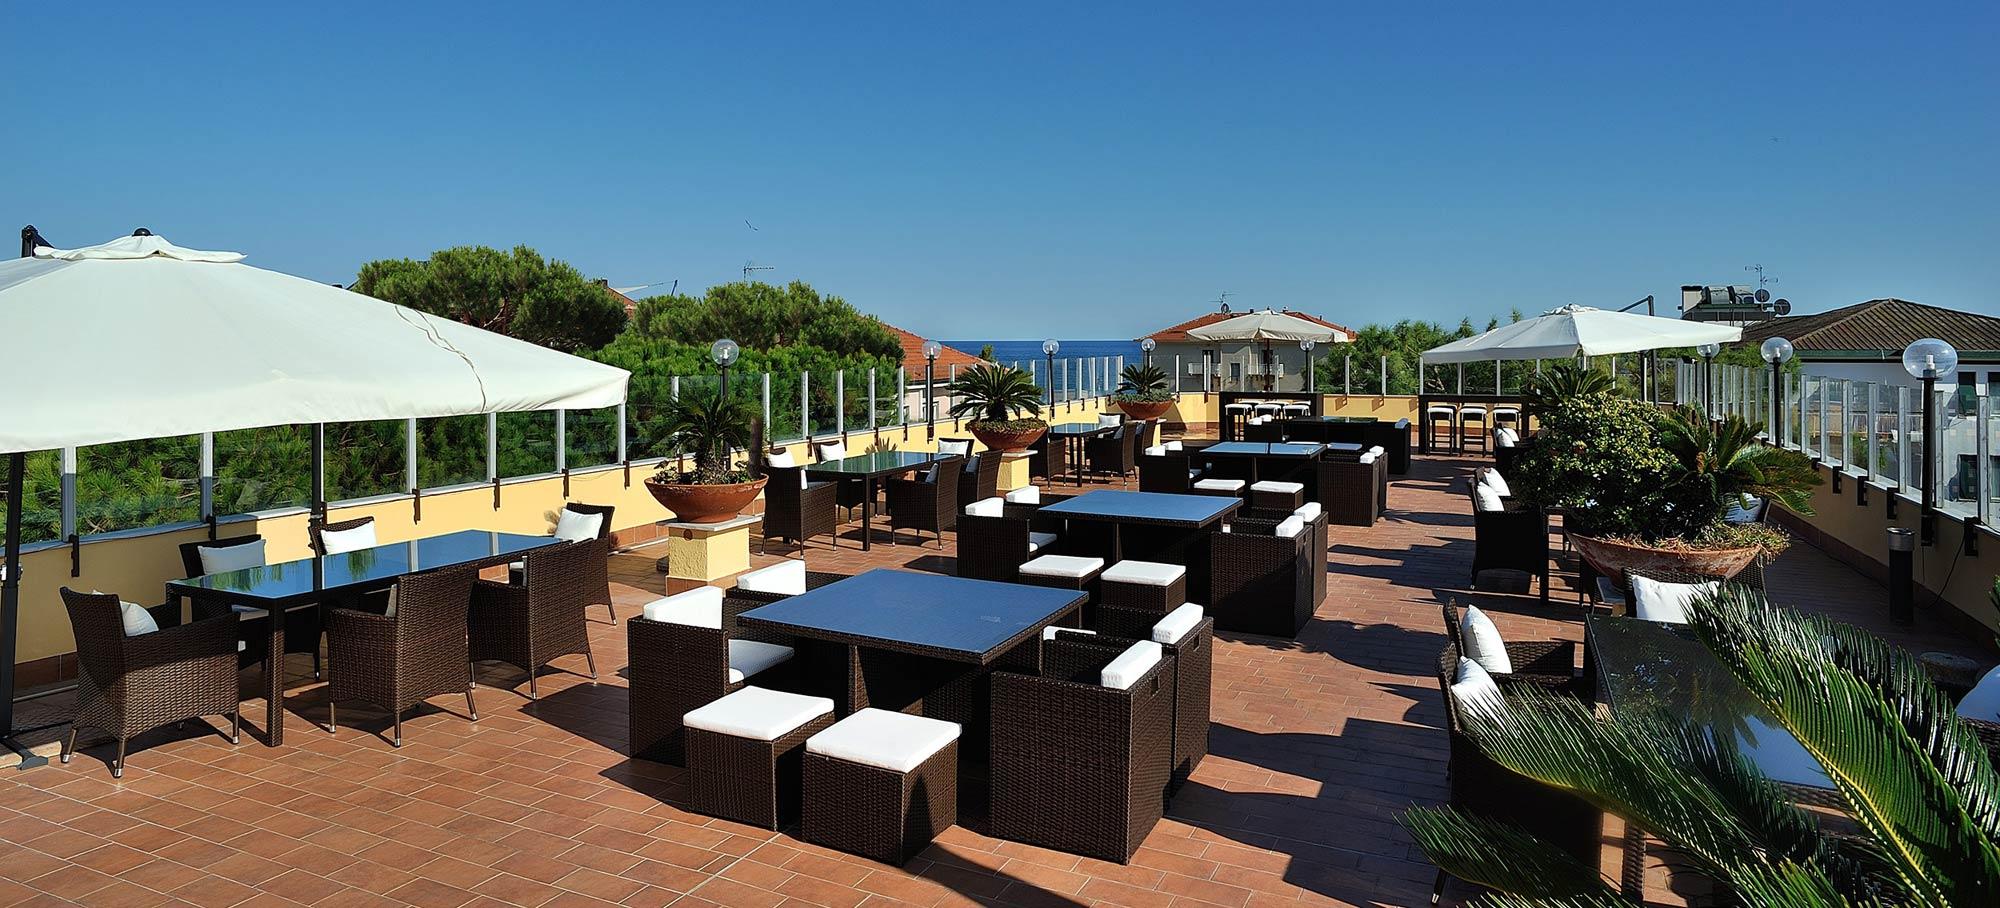 Hotel Mezza Pensione Diano Marina